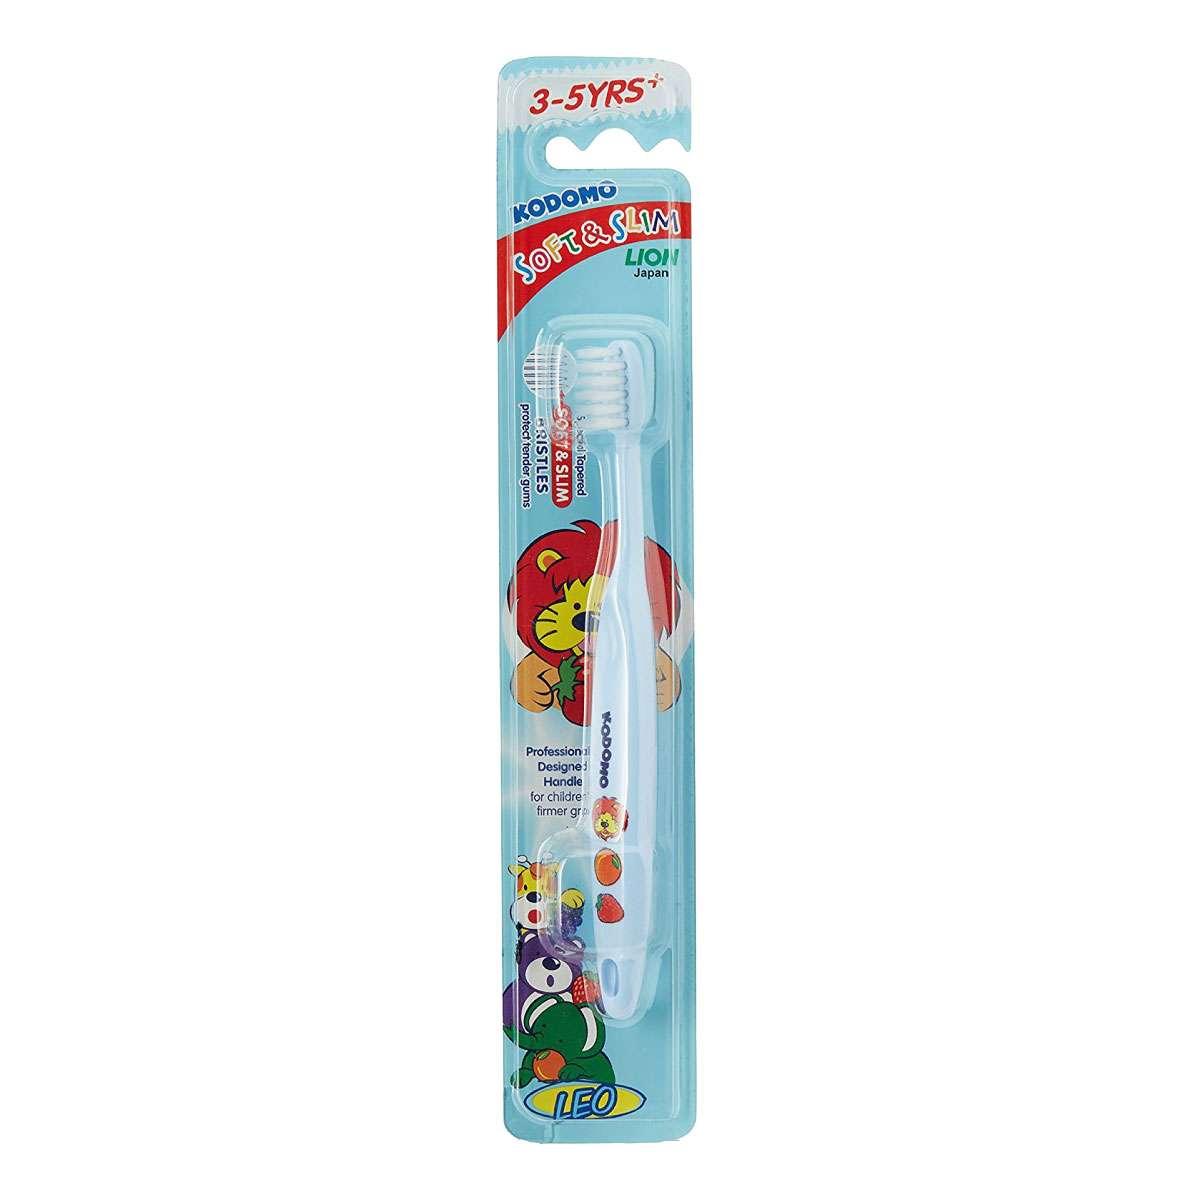 KODOMO Tooth Brush ( 3 to 5 years child )